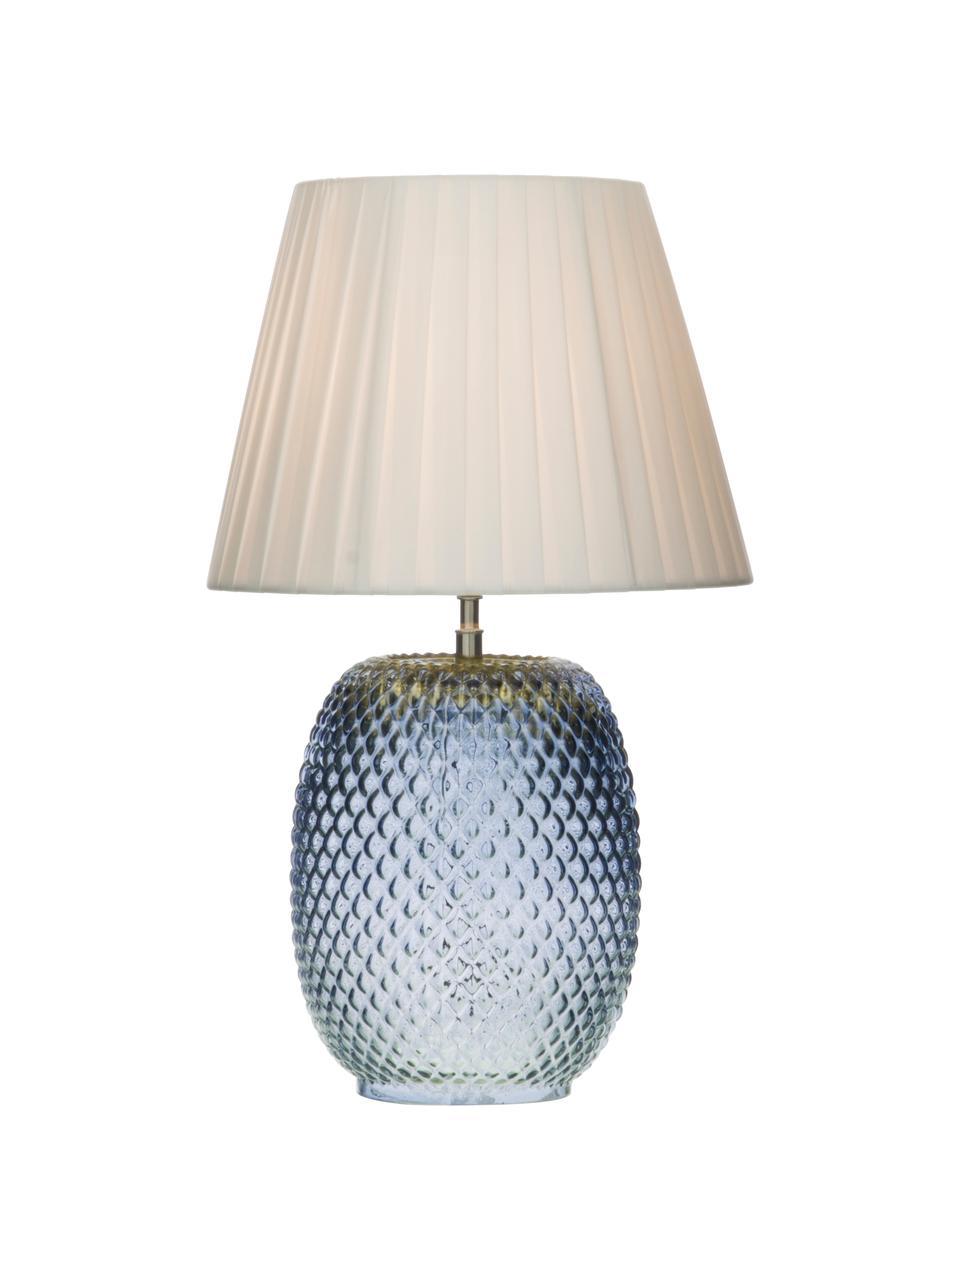 Tischlampe Cornelia aus Glas, Lampenschirm: Polyester, Lampenfuß: Glas, Blau, Weiß, Ø 25 x H 42 cm